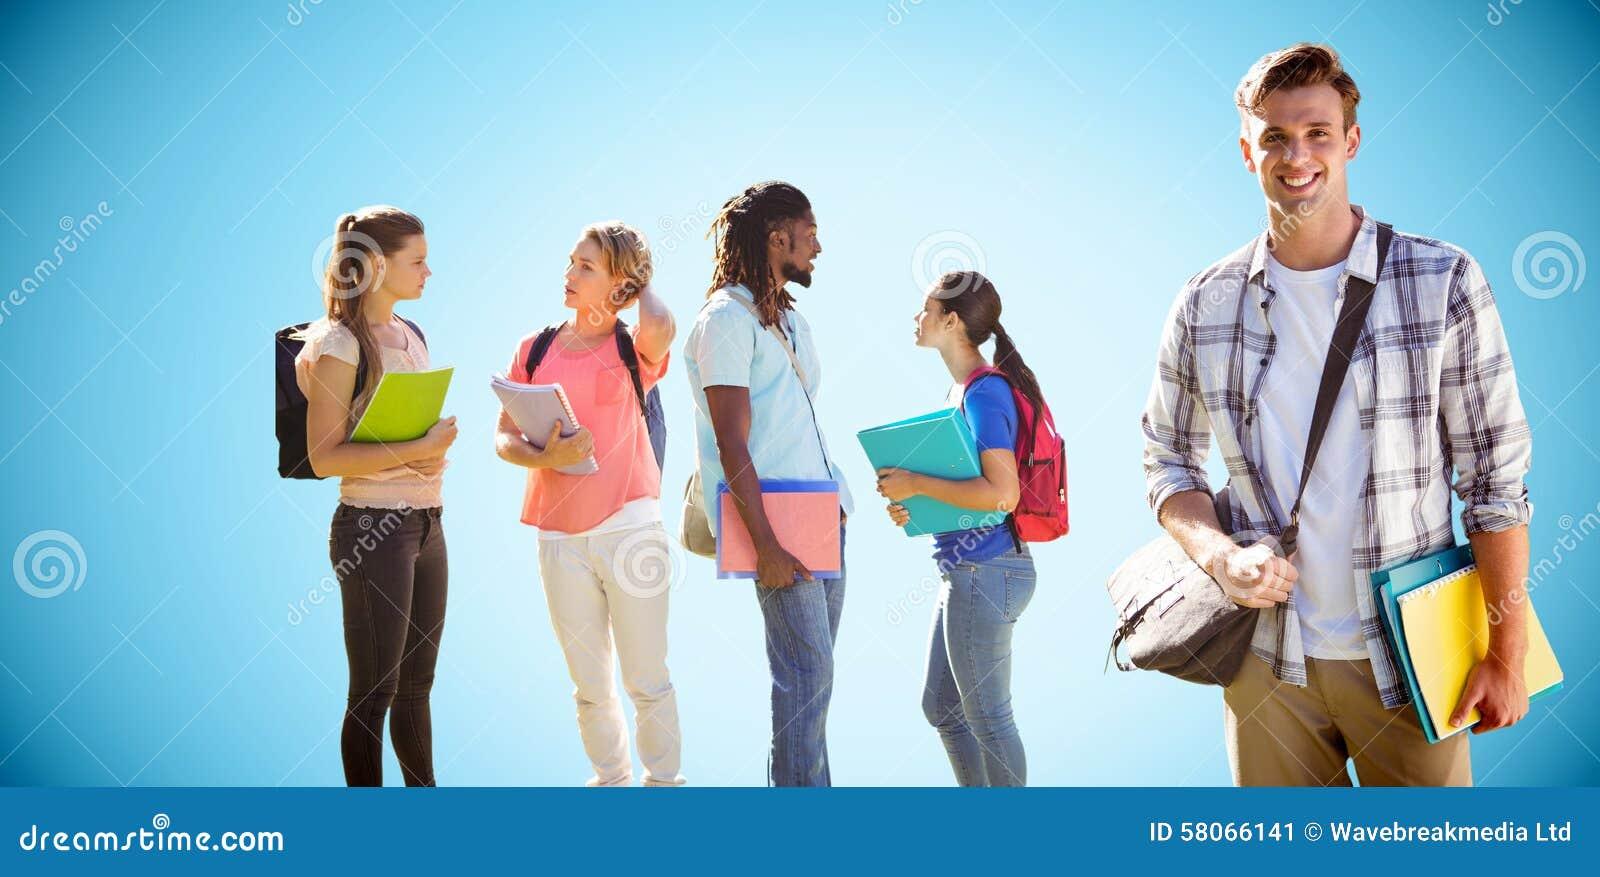 Samengesteld beeld van gelukkige studenten buiten op campus